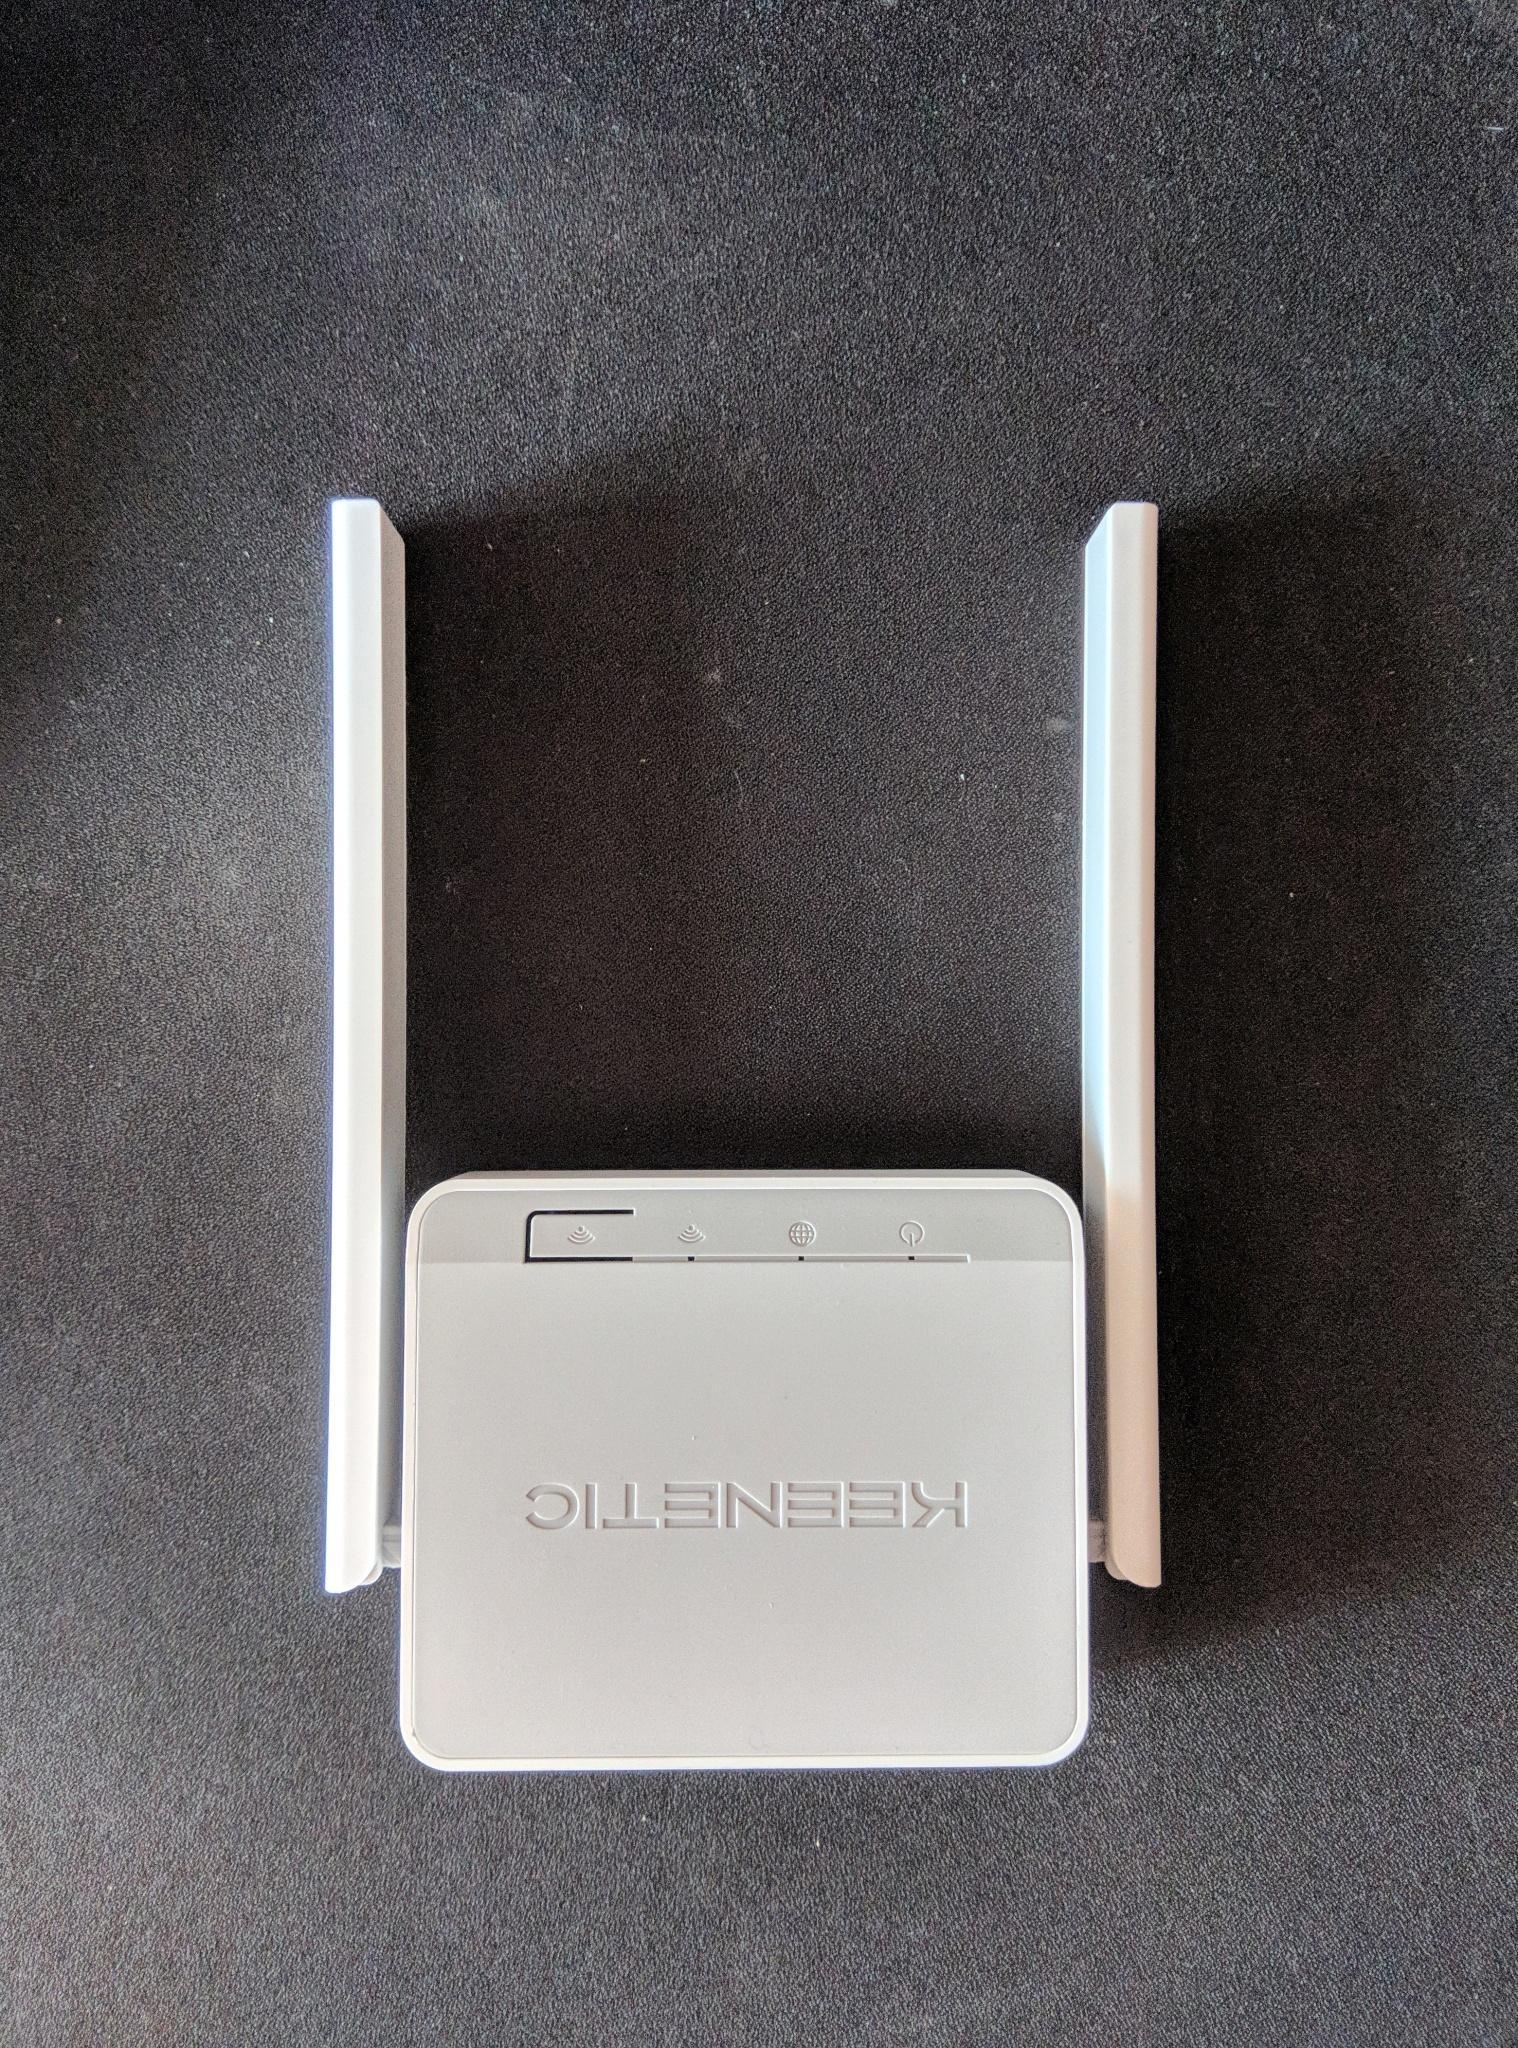 Только две антенны